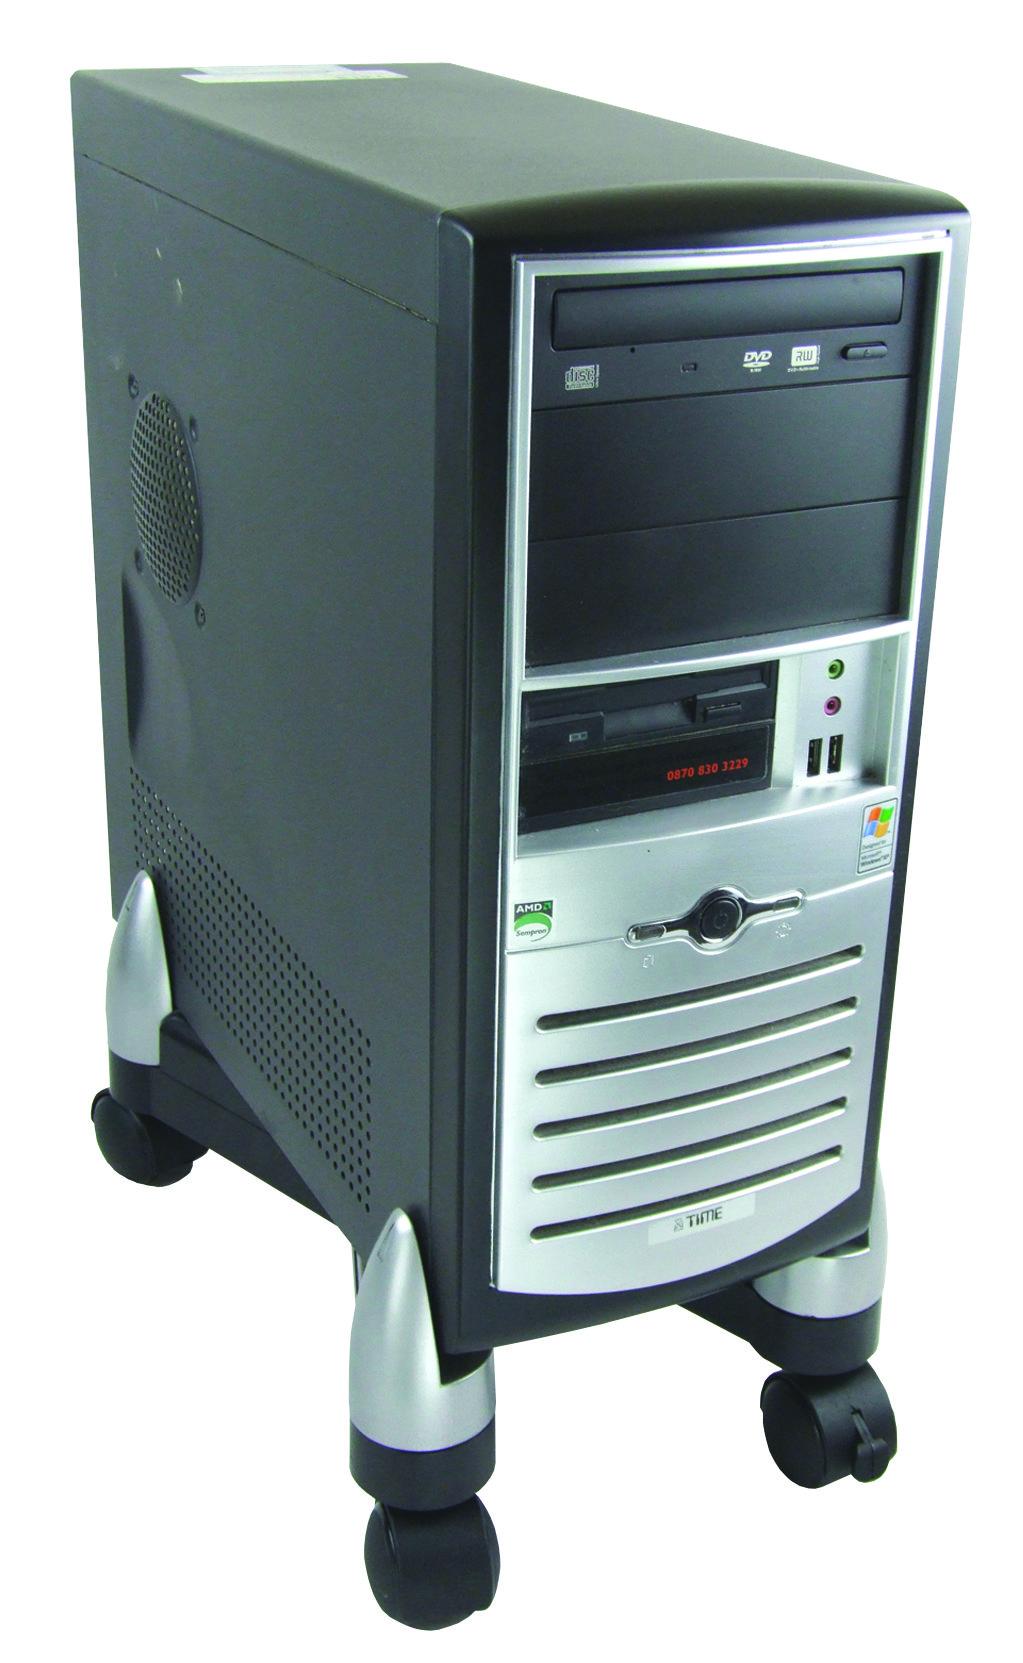 Suport pentru PC/distrugator de documente, FELLOWES Office Suites